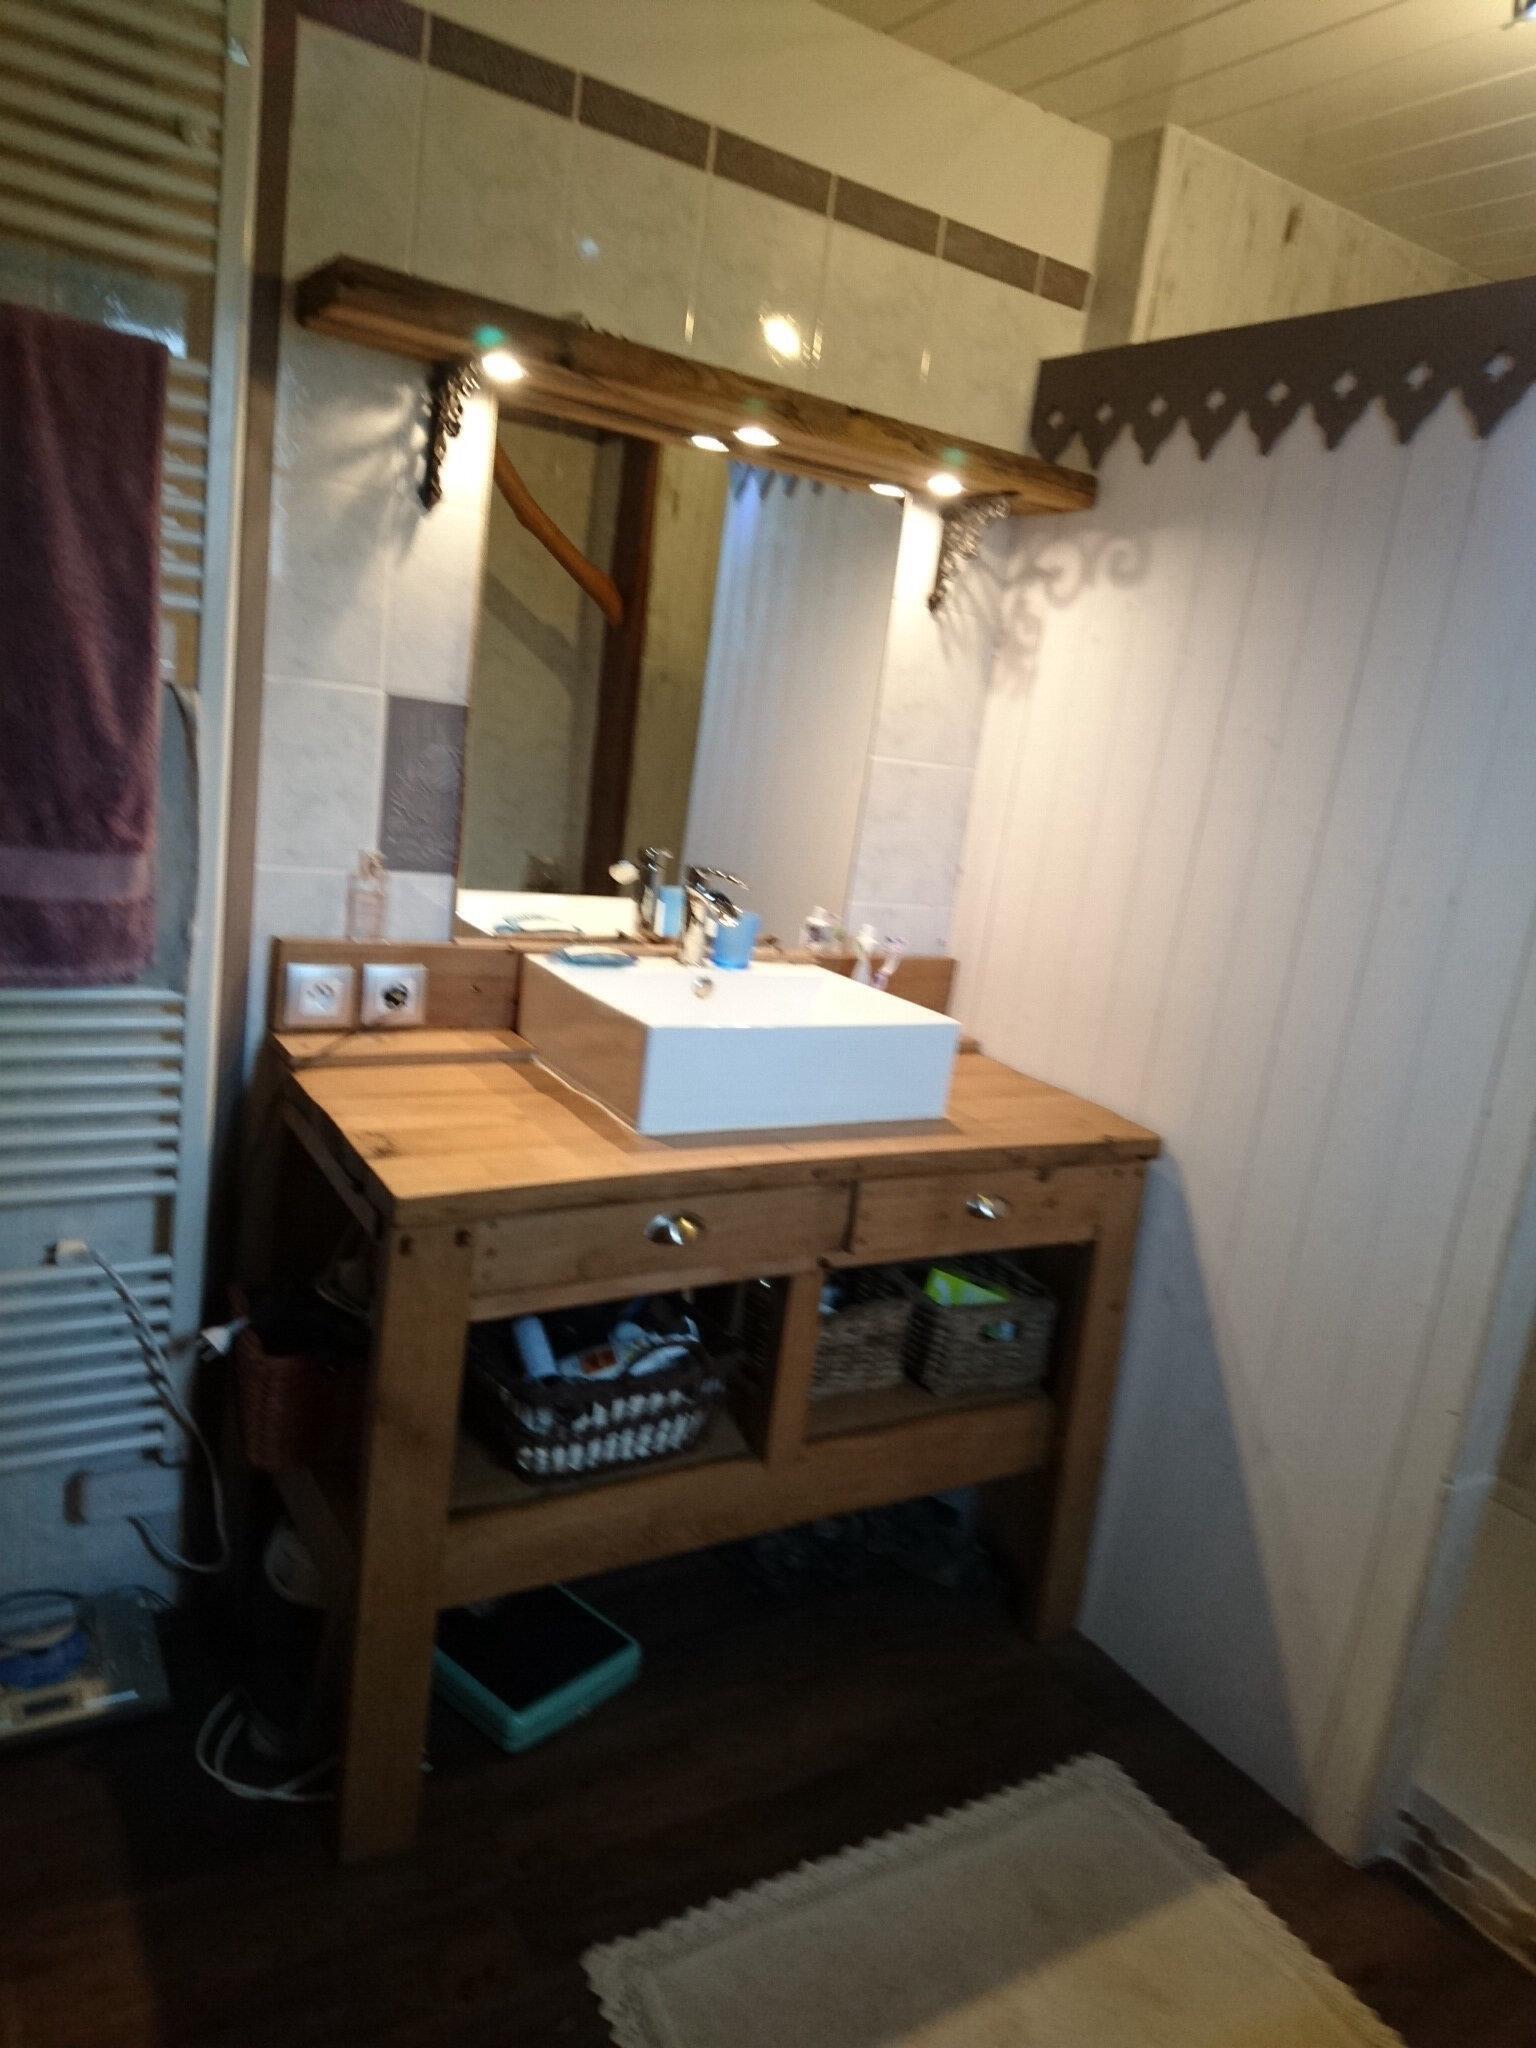 Carrelage de salle de bain repeint atelier de k 39 tea for Carrelage repeint